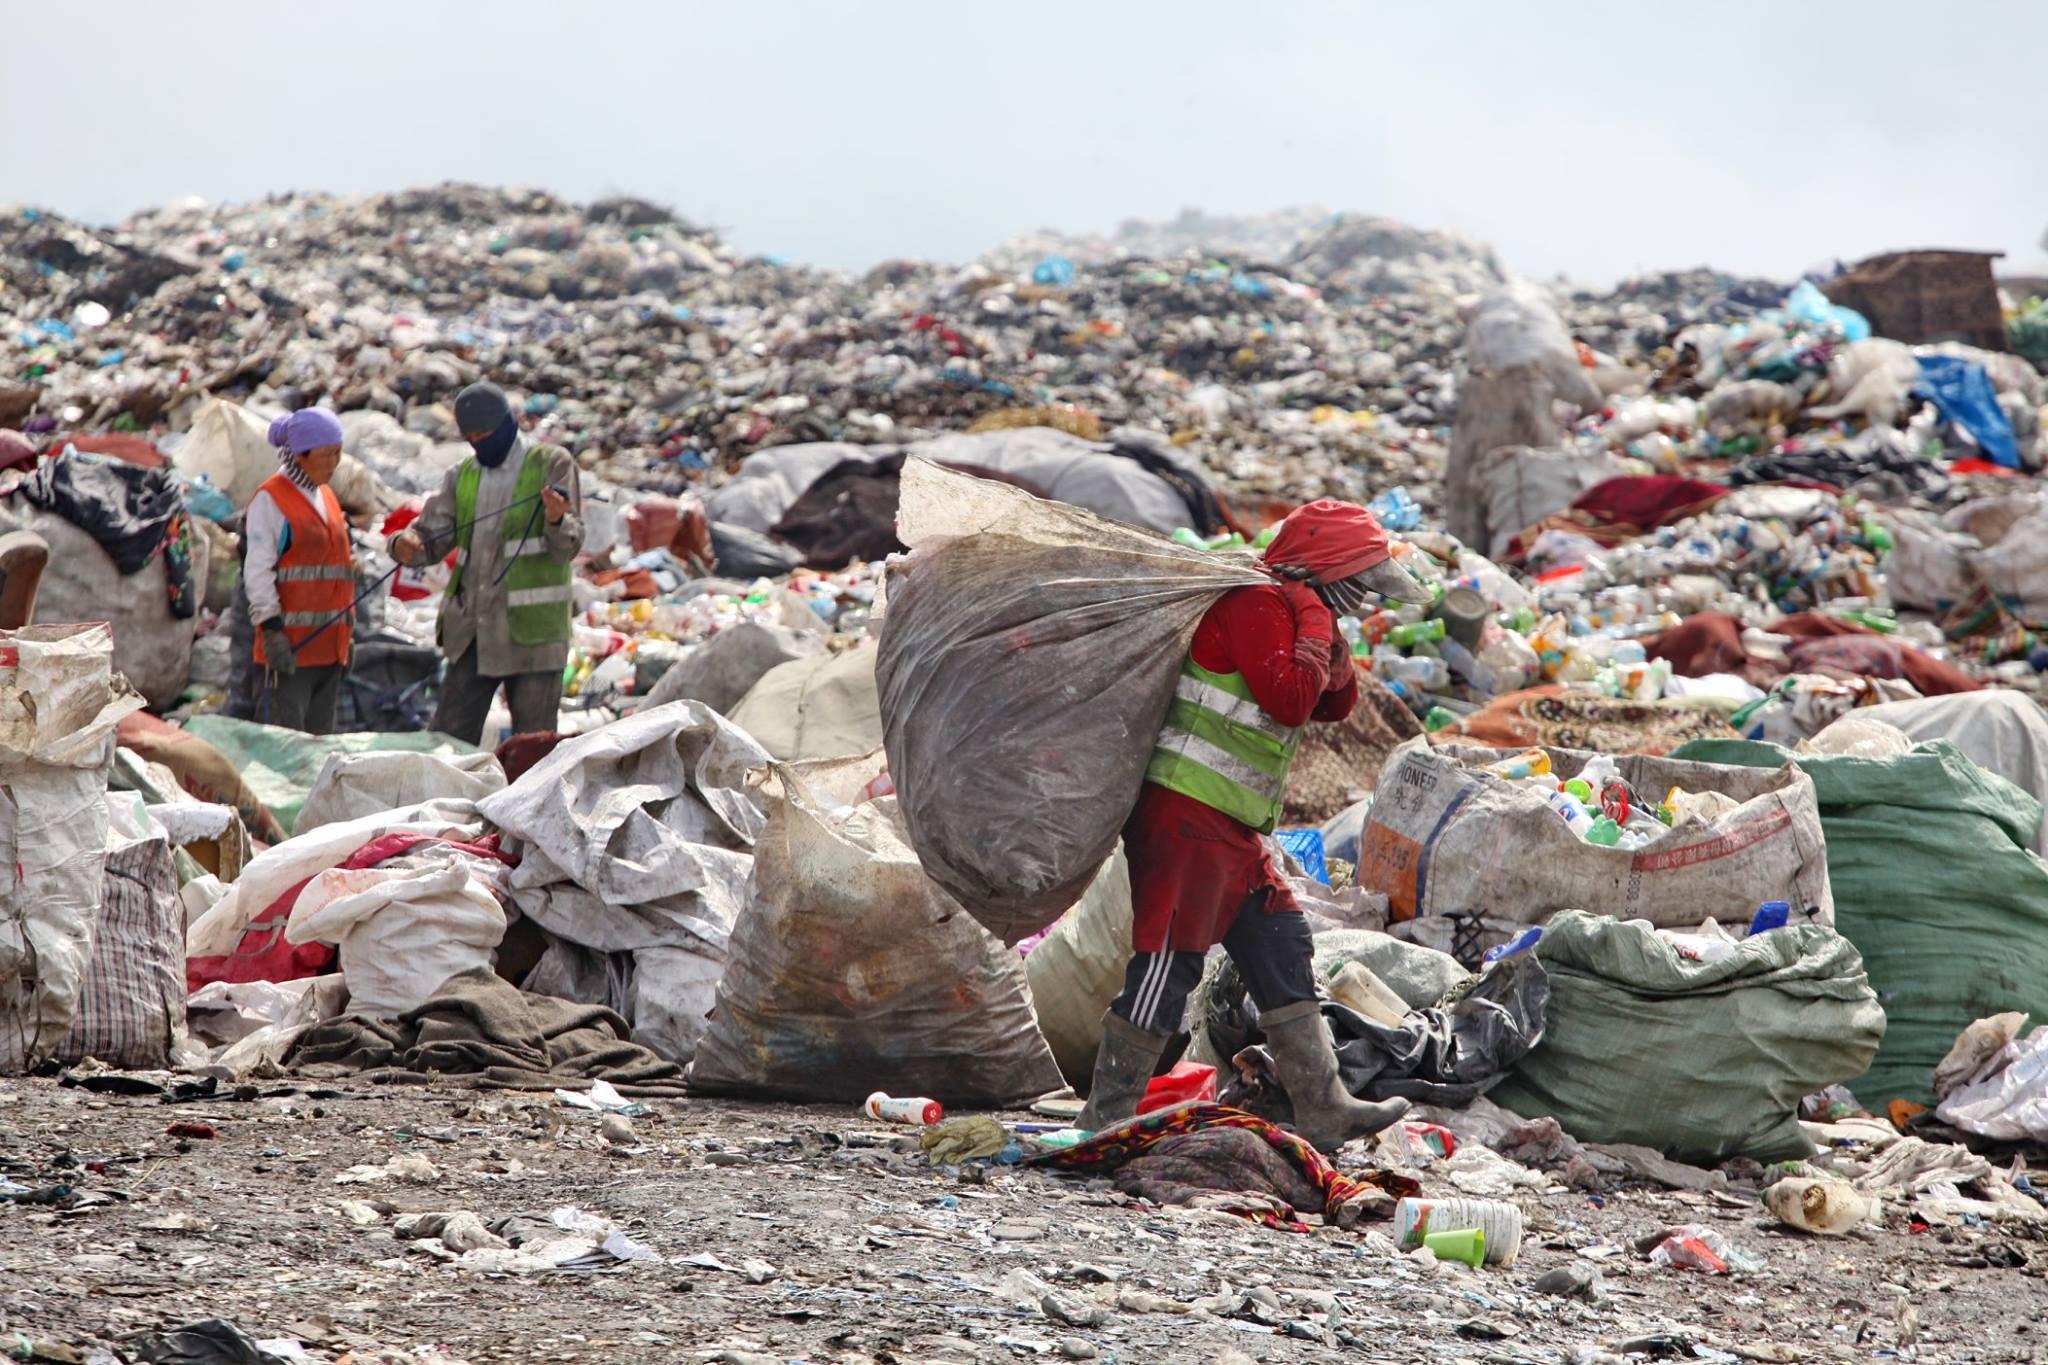 Пока относительную пользу от сбора мусора и его сдачи приемщикам ощущают лишь бомжи…